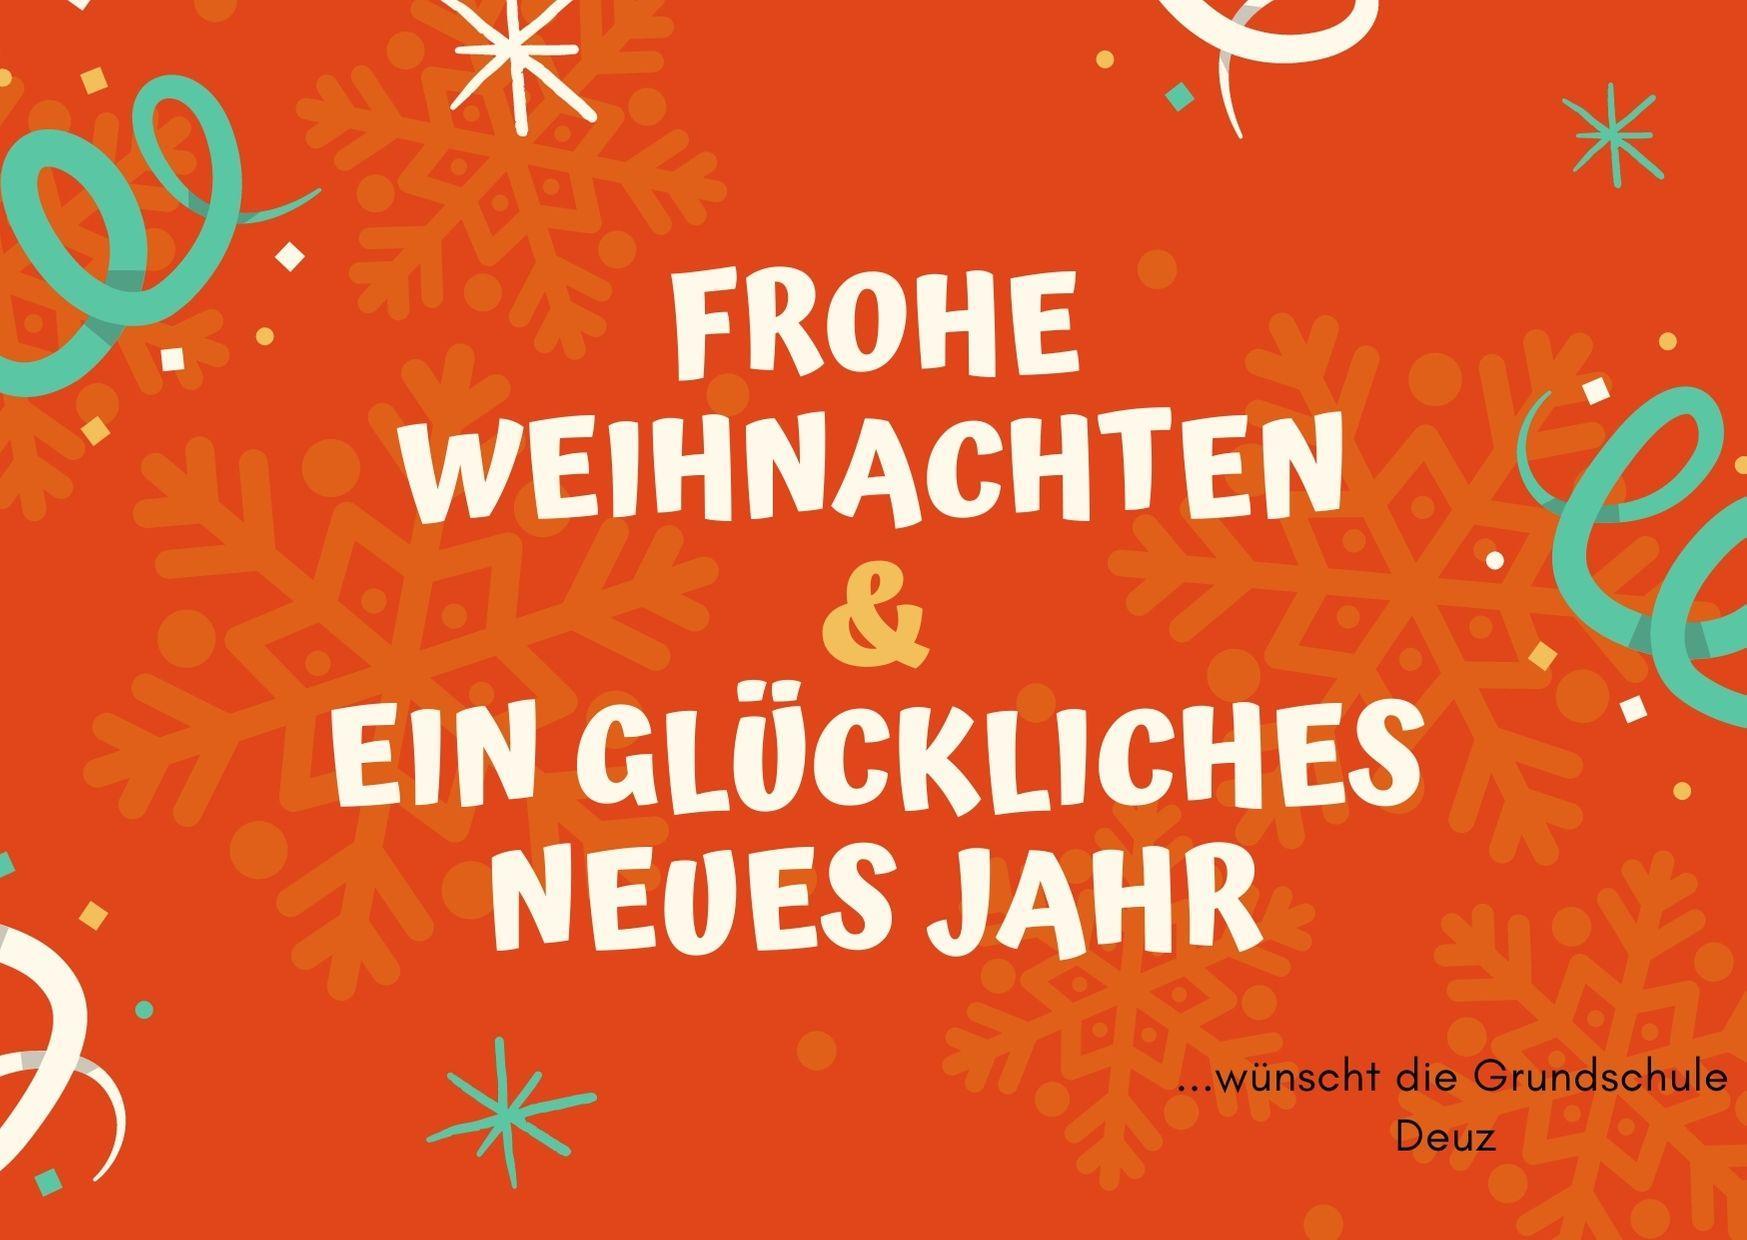 Weihnachtsgrüße GS Deuz 2020